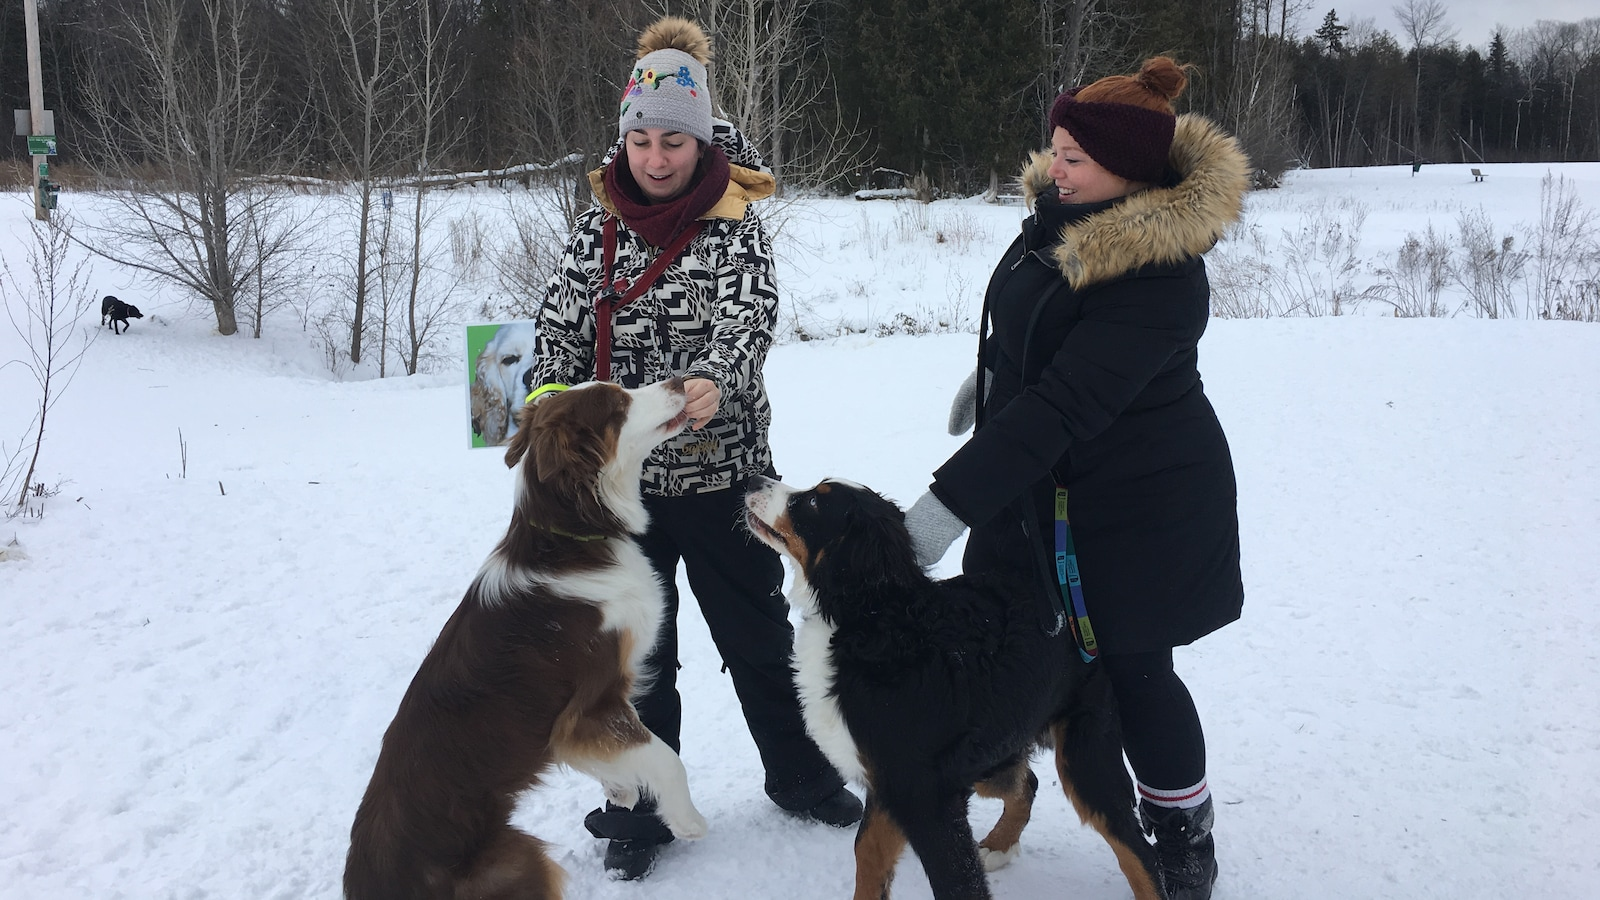 Deux jeunes femmes tiennent en laisse un chien chacune, dans un parc enneigé.